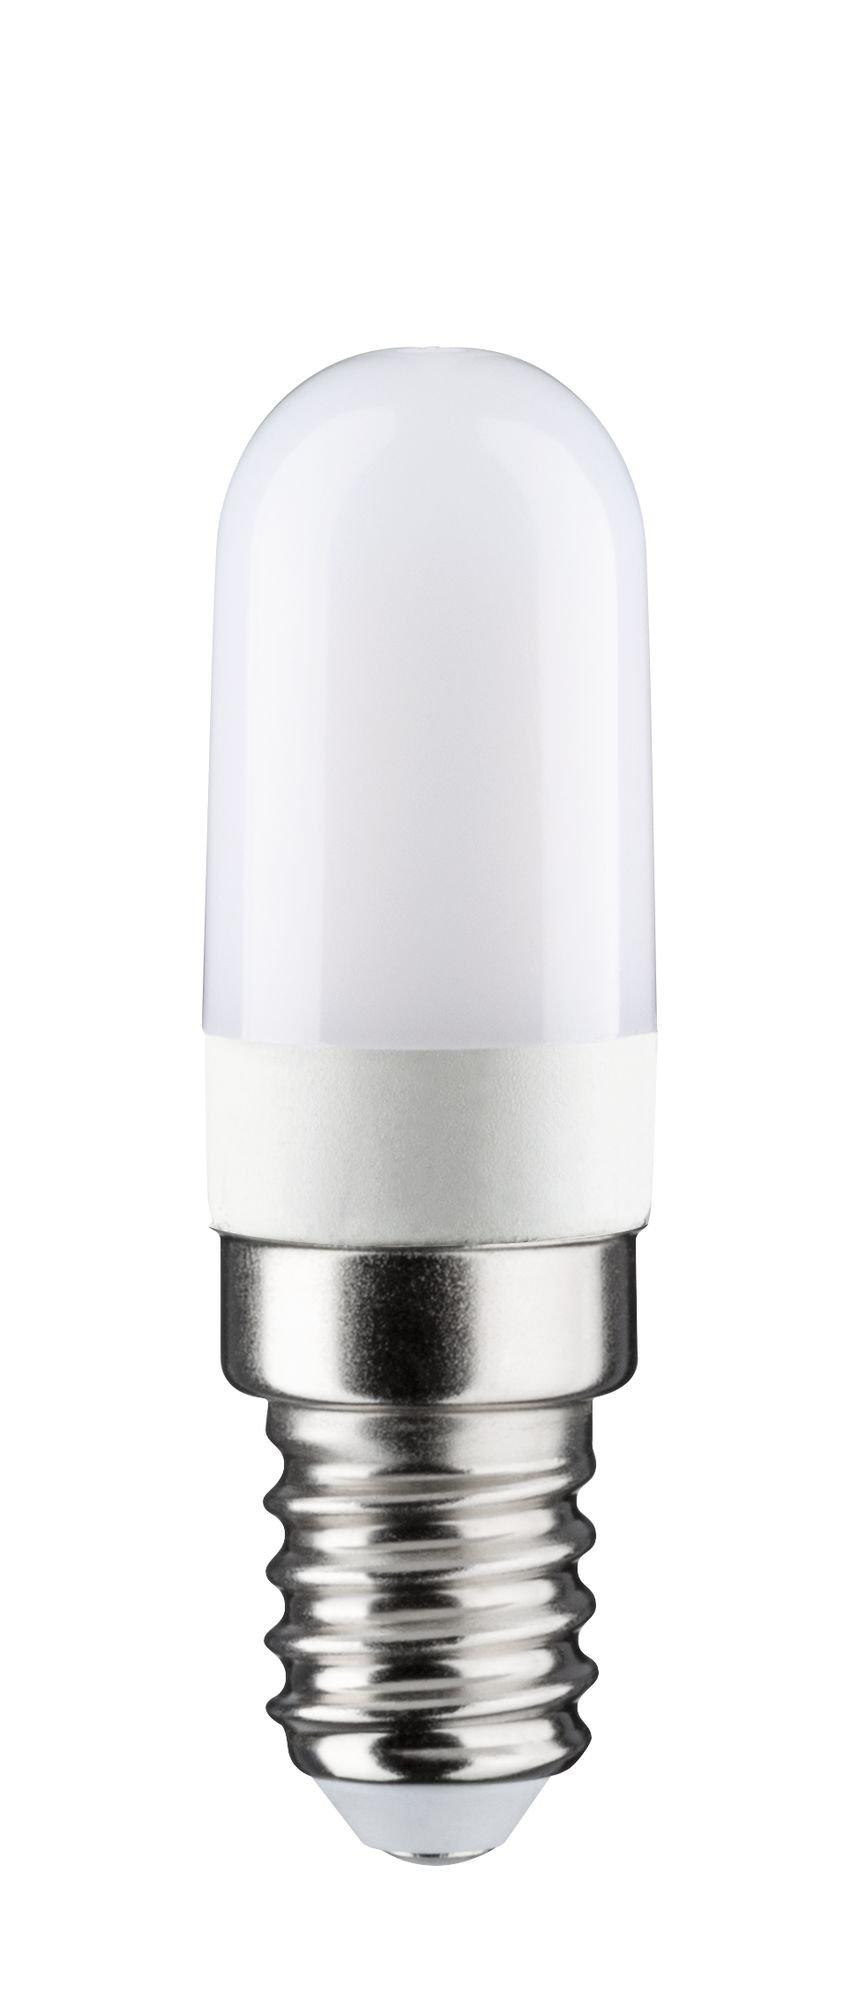 LED Birne E14 230V 50lm 1W 6500K Klar